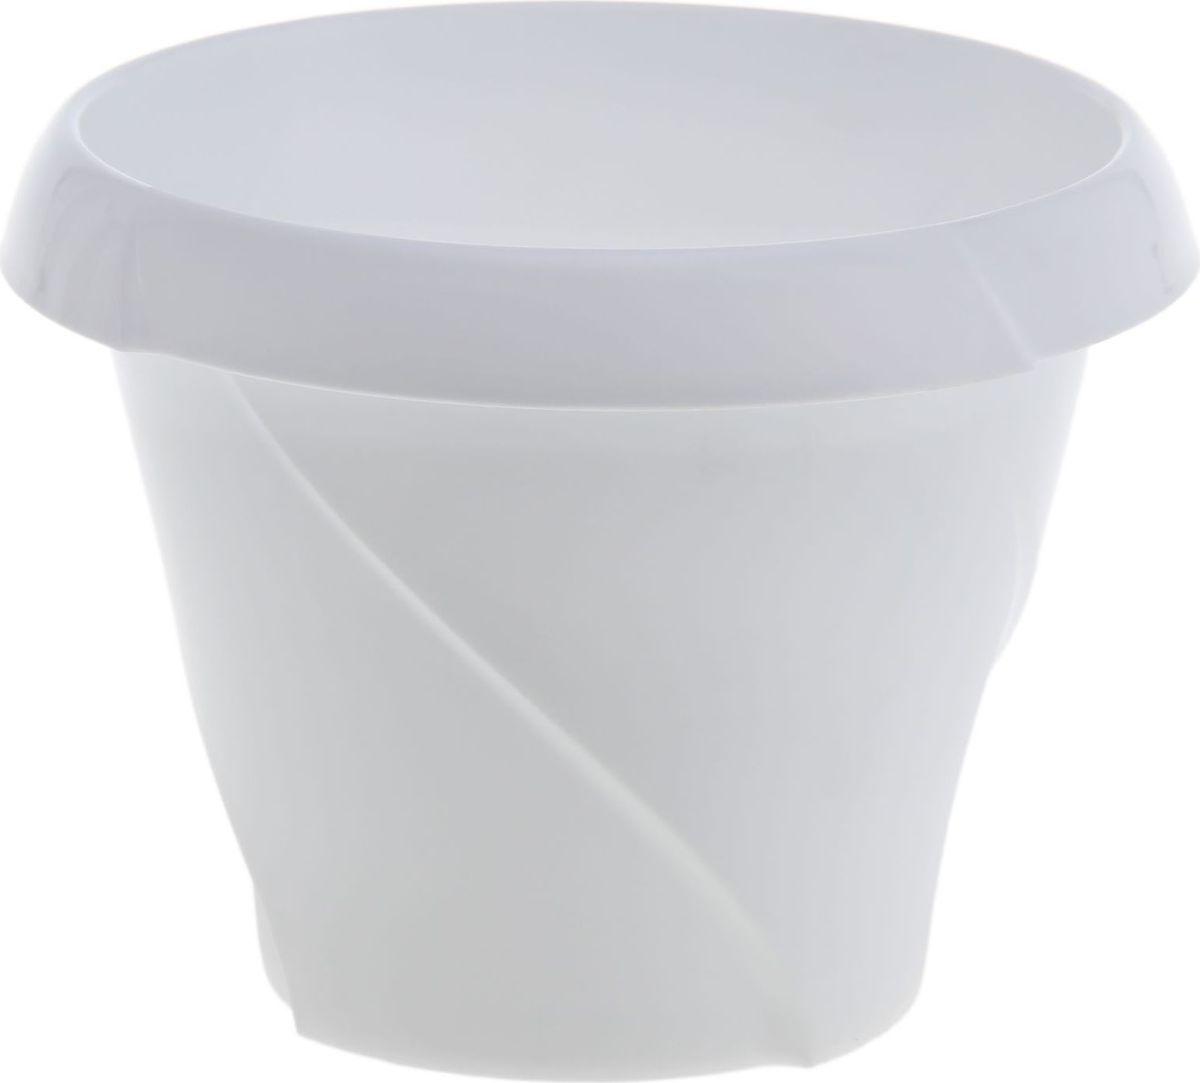 Кашпо Martika Флориана, цвет: белый, 1,4 л1355437Любой, даже самый современный и продуманный интерьер будет не завершённым без растений. Они не только очищают воздух и насыщают его кислородом, но и заметно украшают окружающее пространство. Такому полезному &laquo члену семьи&raquoпросто необходимо красивое и функциональное кашпо, оригинальный горшок или необычная ваза! Мы предлагаем - Кашпо 1,4 л Флориана, d=17 см, цвет белый!Оптимальный выбор материала &mdash &nbsp пластмасса! Почему мы так считаем? Малый вес. С лёгкостью переносите горшки и кашпо с места на место, ставьте их на столики или полки, подвешивайте под потолок, не беспокоясь о нагрузке. Простота ухода. Пластиковые изделия не нуждаются в специальных условиях хранения. Их&nbsp легко чистить &mdashдостаточно просто сполоснуть тёплой водой. Никаких царапин. Пластиковые кашпо не царапают и не загрязняют поверхности, на которых стоят. Пластик дольше хранит влагу, а значит &mdashрастение реже нуждается в поливе. Пластмасса не пропускает воздух &mdashкорневой системе растения не грозят резкие перепады температур. Огромный выбор форм, декора и расцветок &mdashвы без труда подберёте что-то, что идеально впишется в уже существующий интерьер.Соблюдая нехитрые правила ухода, вы можете заметно продлить срок службы горшков, вазонов и кашпо из пластика: всегда учитывайте размер кроны и корневой системы растения (при разрастании большое растение способно повредить маленький горшок)берегите изделие от воздействия прямых солнечных лучей, чтобы кашпо и горшки не выцветалидержите кашпо и горшки из пластика подальше от нагревающихся поверхностей.Создавайте прекрасные цветочные композиции, выращивайте рассаду или необычные растения, а низкие цены позволят вам не ограничивать себя в выборе.